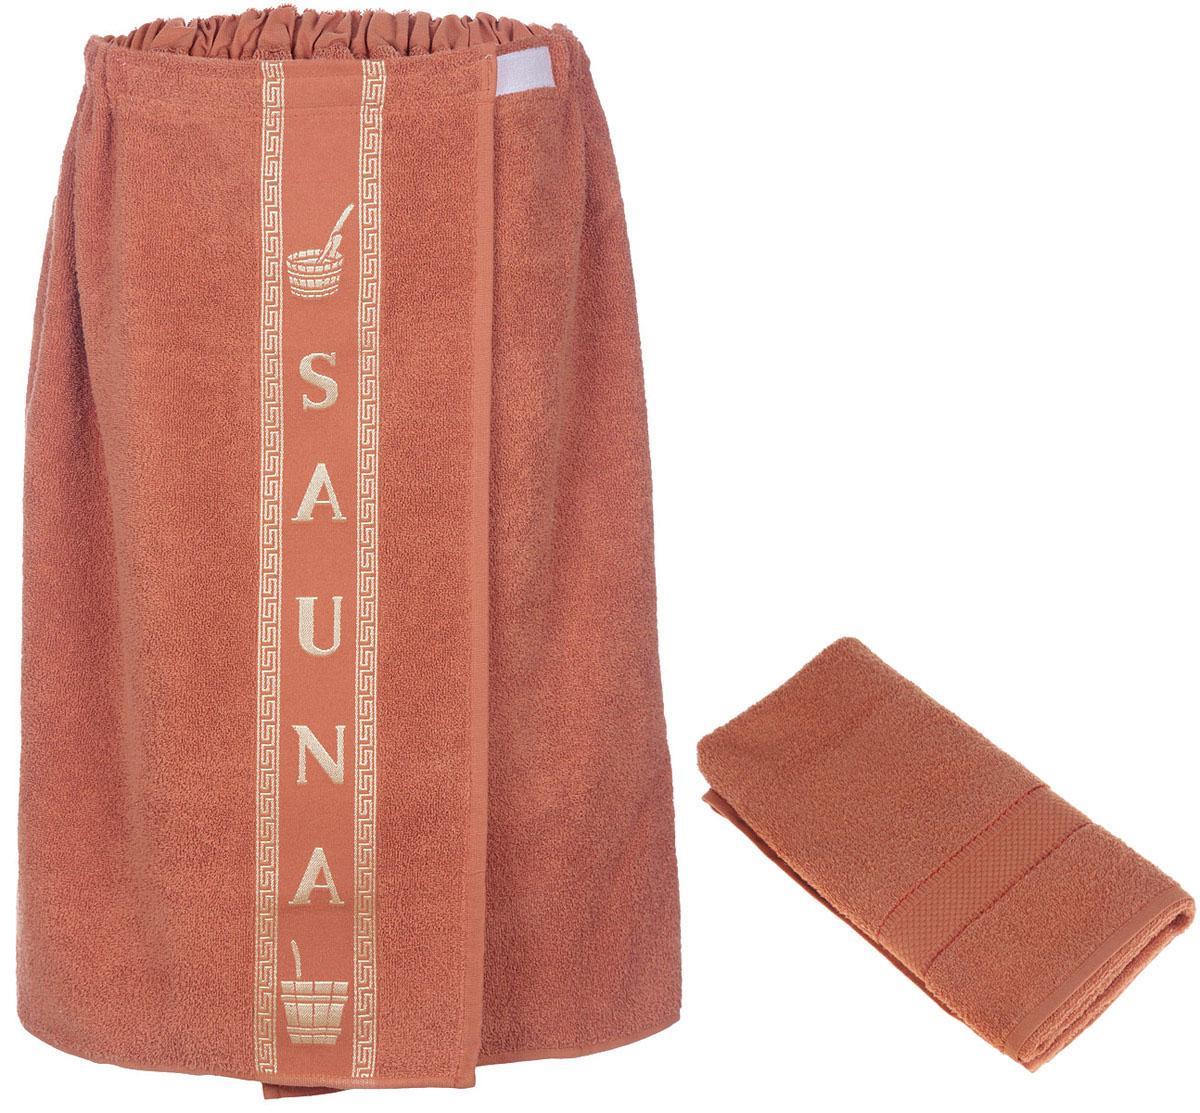 Набор для бани и сауны Arya, мужской, цвет: кирпичный, 2 предметаF0003860КирпичныйНабор для бани и сауны Arya, выполненный из 100% хлопка, состоит из килта и полотенца. Банный килт- это многофункциональное полотенце специального покроя с резинкой и липучкой, благодаря которым вы сами регулируете размер. В парилке можно использовать как коврик, после душа вытираться. Полотенце - незаменимая вещь, которая обладает невероятной мягкостью и удивительной впитываемостью. Благодаря качественному хлопковому сырью и удобному фасону предметов набора Arya вы будете получать настоящий комфорт. Размер килта: 75 х 150 см. Размер полотенца: 50 х 90 см.